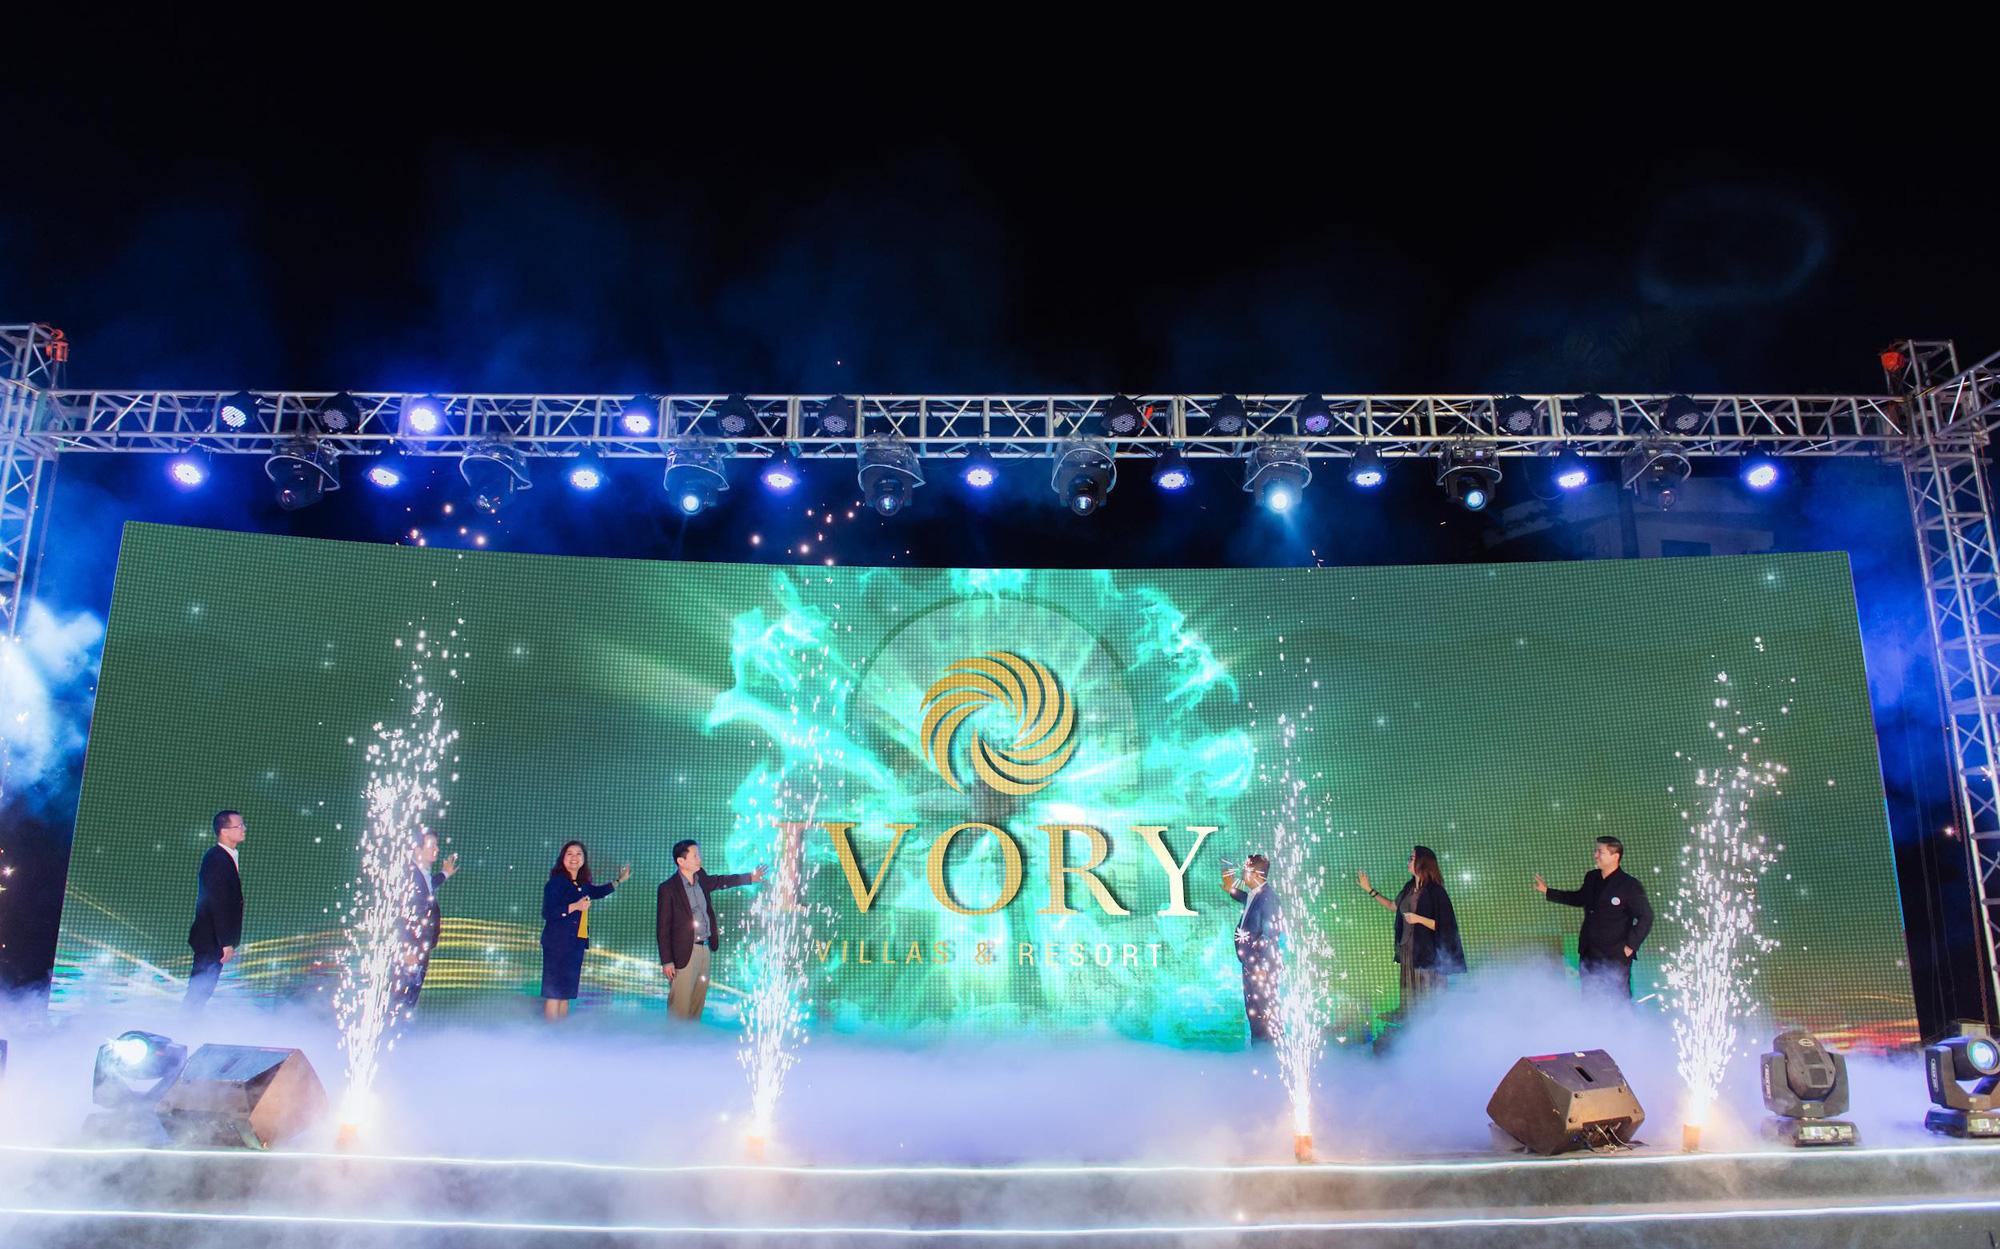 Hơn 500 chuyên viên kinh doanh lan toả sức hút tại lễ kick-off dự án Ivory Villas & Resort